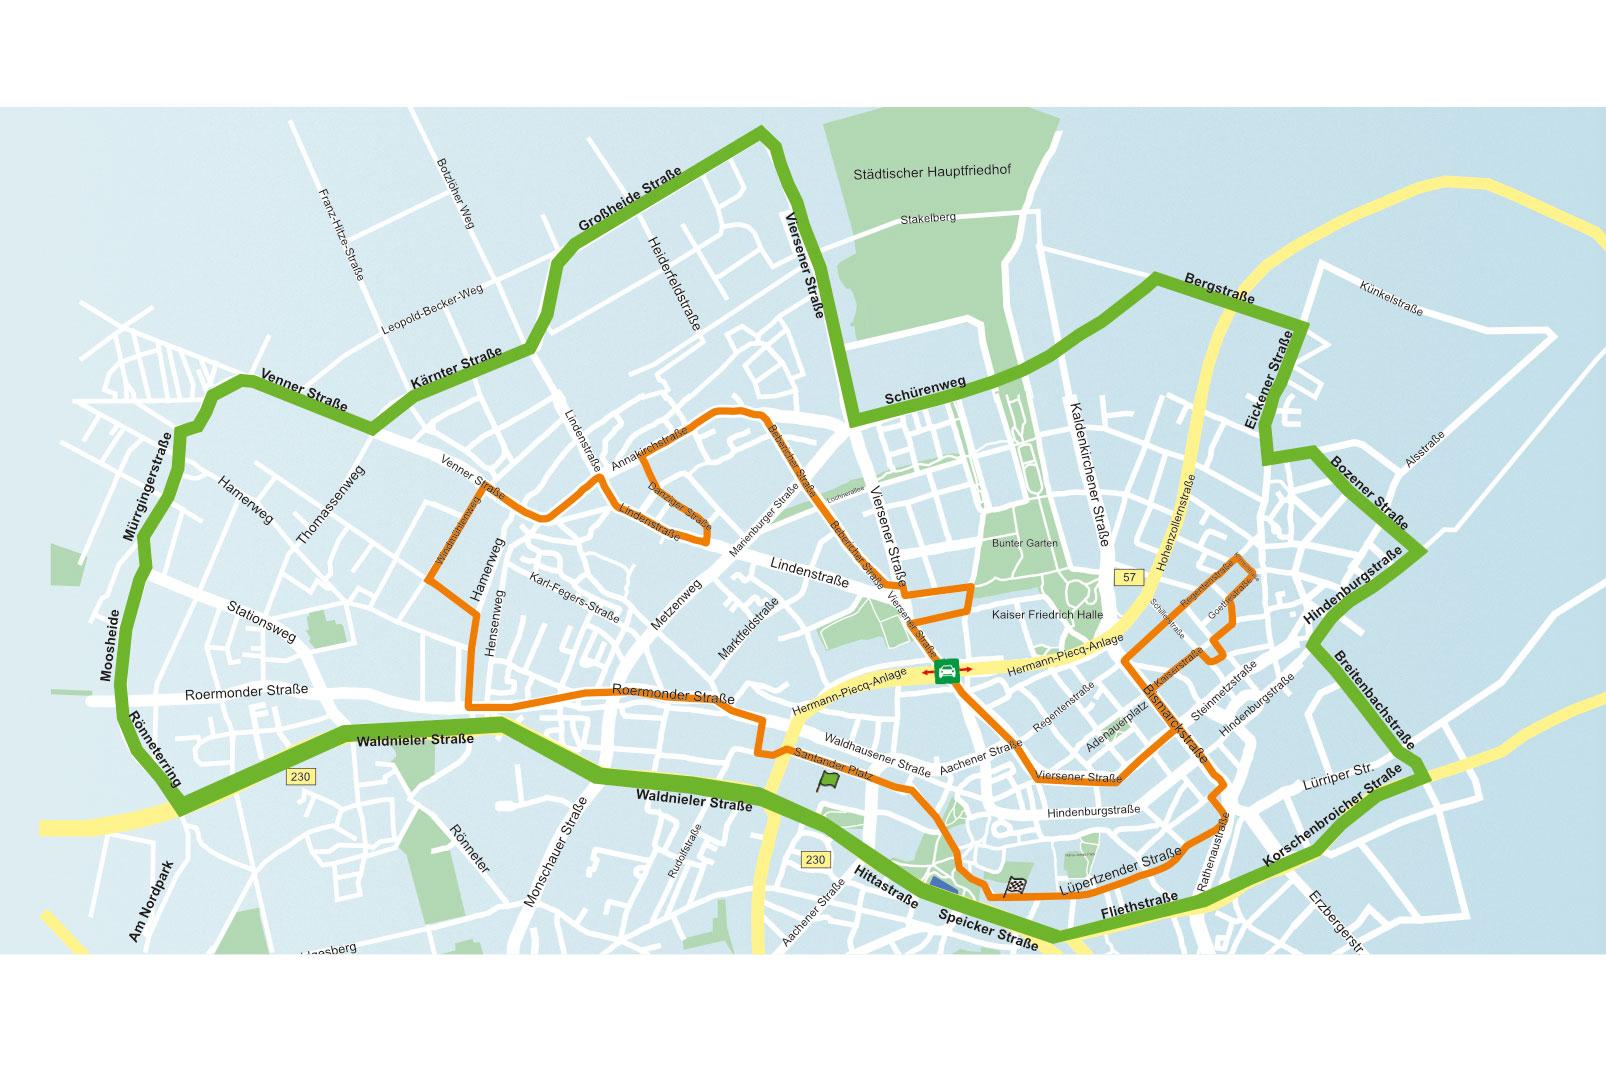 Die Karte zeigt den Streckenverlauf des Santander-Marthon (orange) und die Umleitungsstrecke (grün). (Quelle: santander-marathon.de)